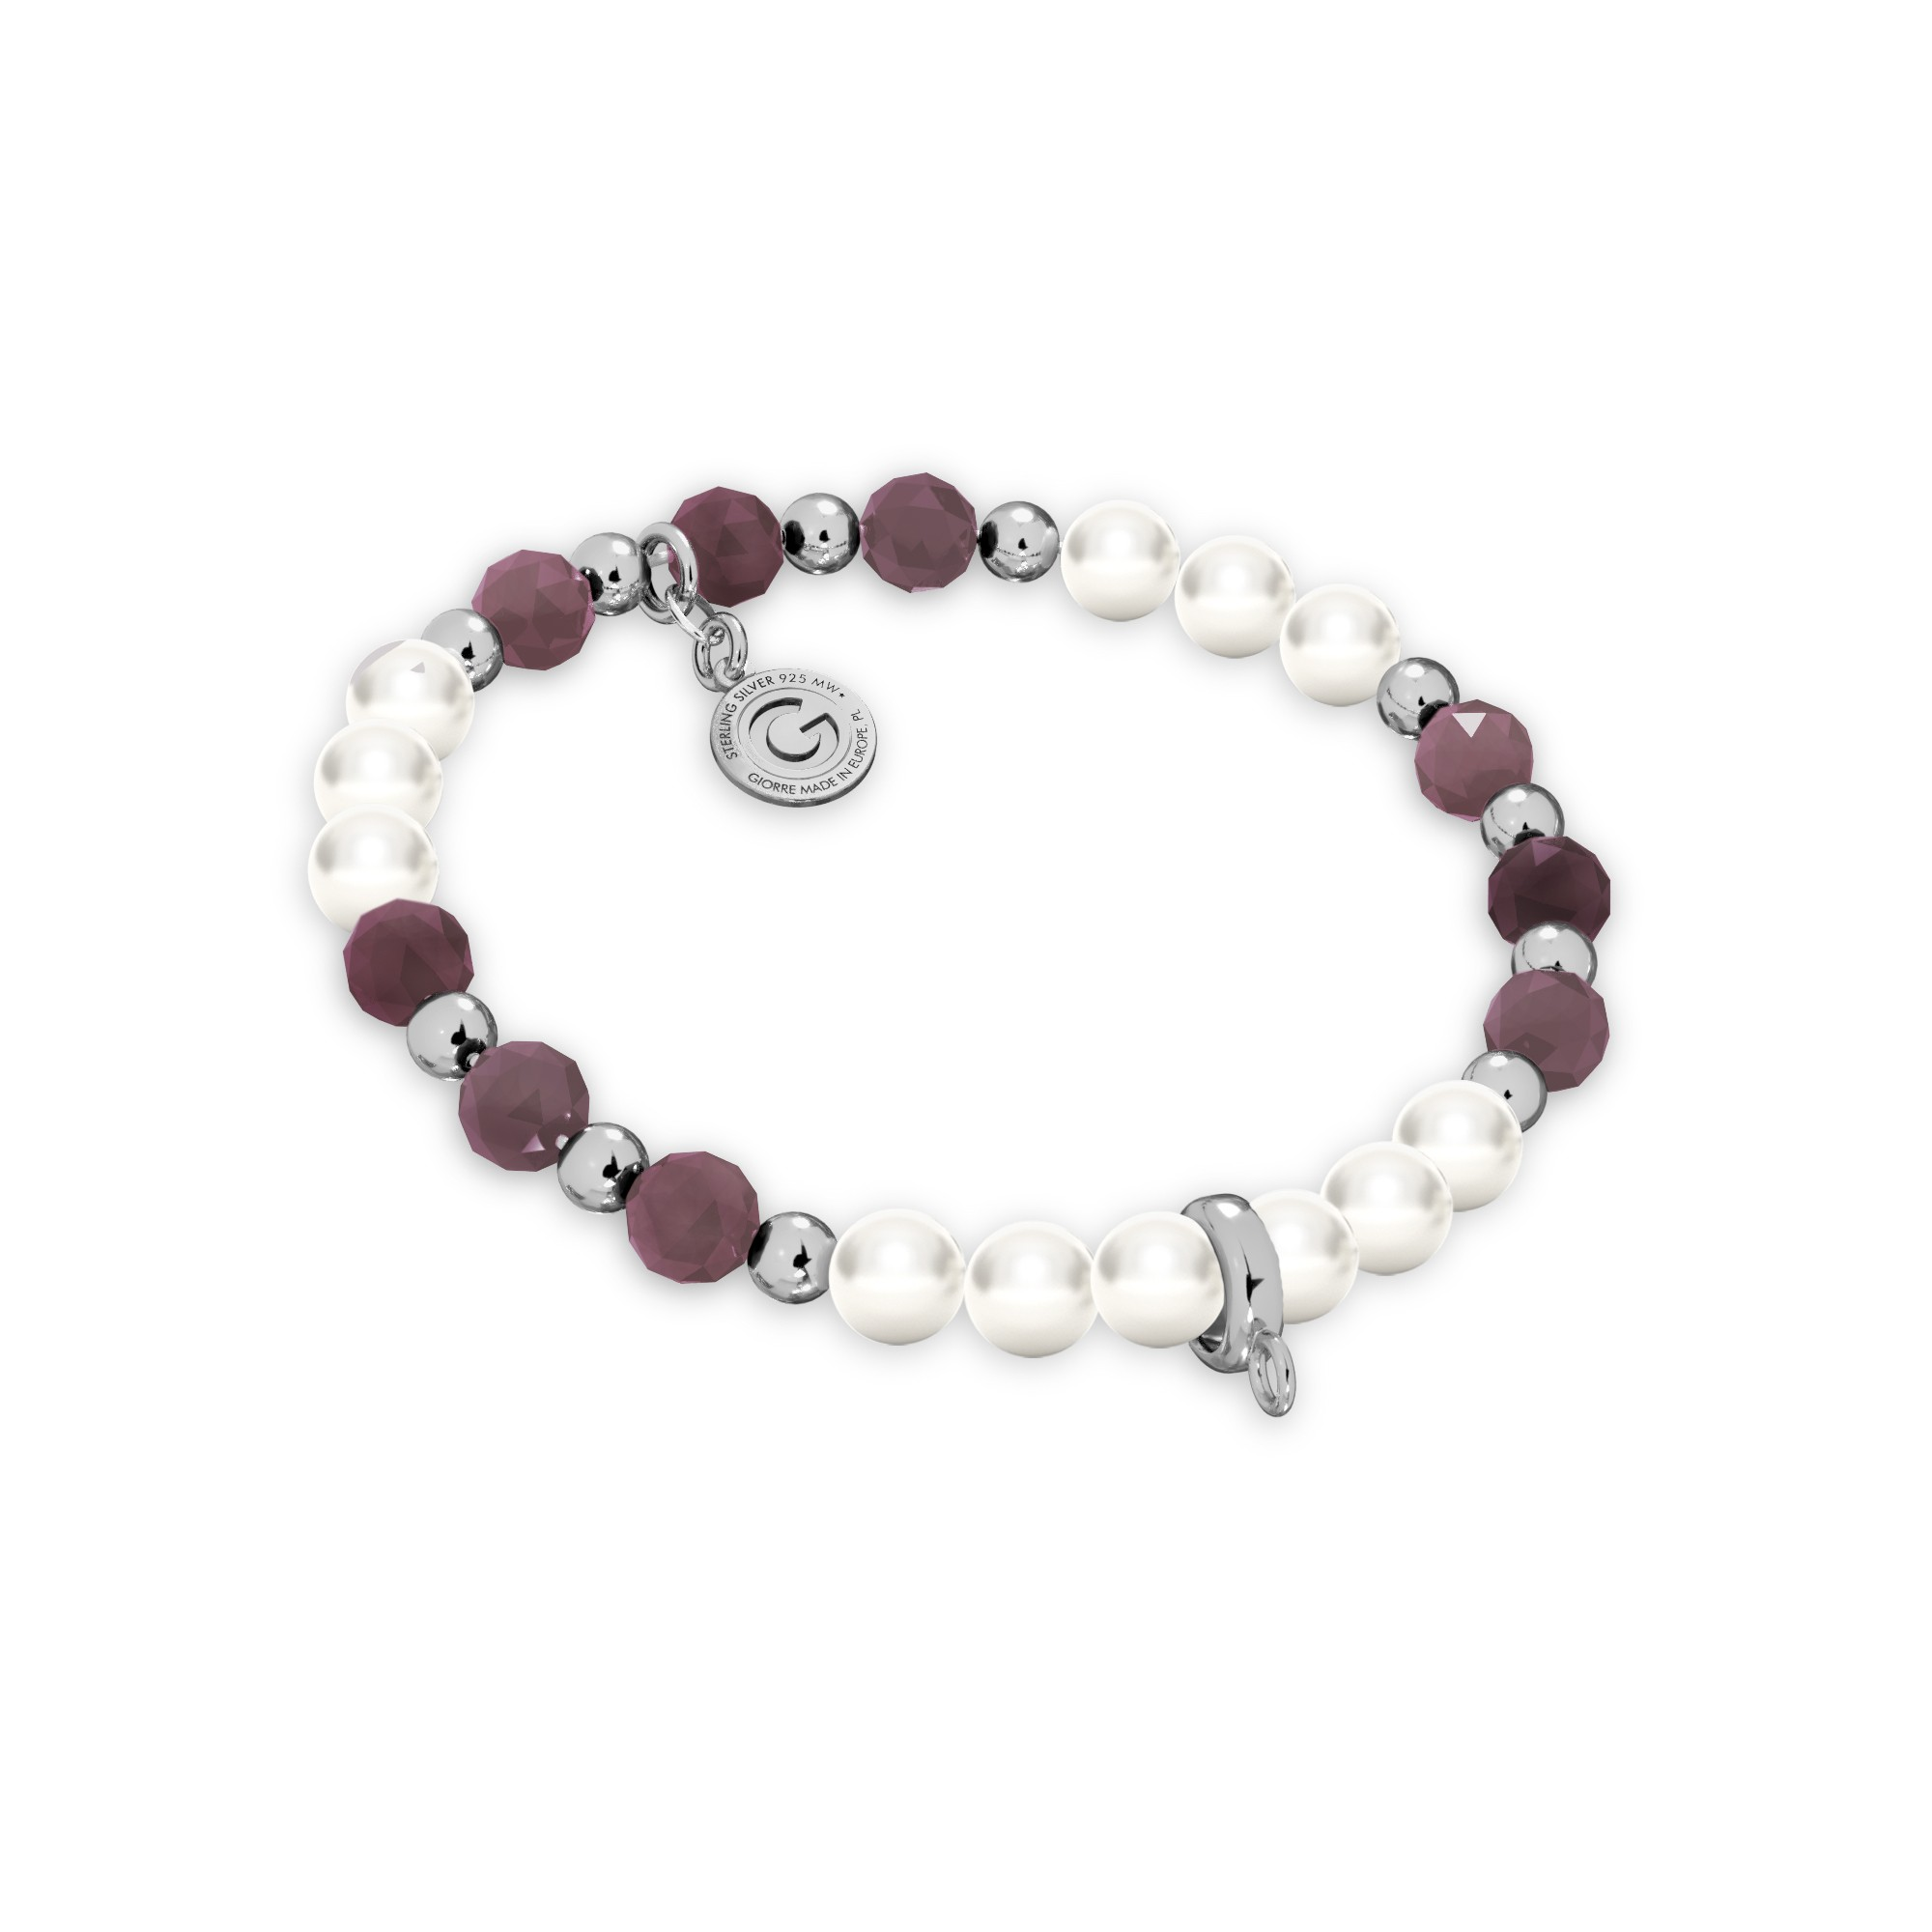 Rubinowa bransoletka z perłami do podwieszania charmsów, srebro 925